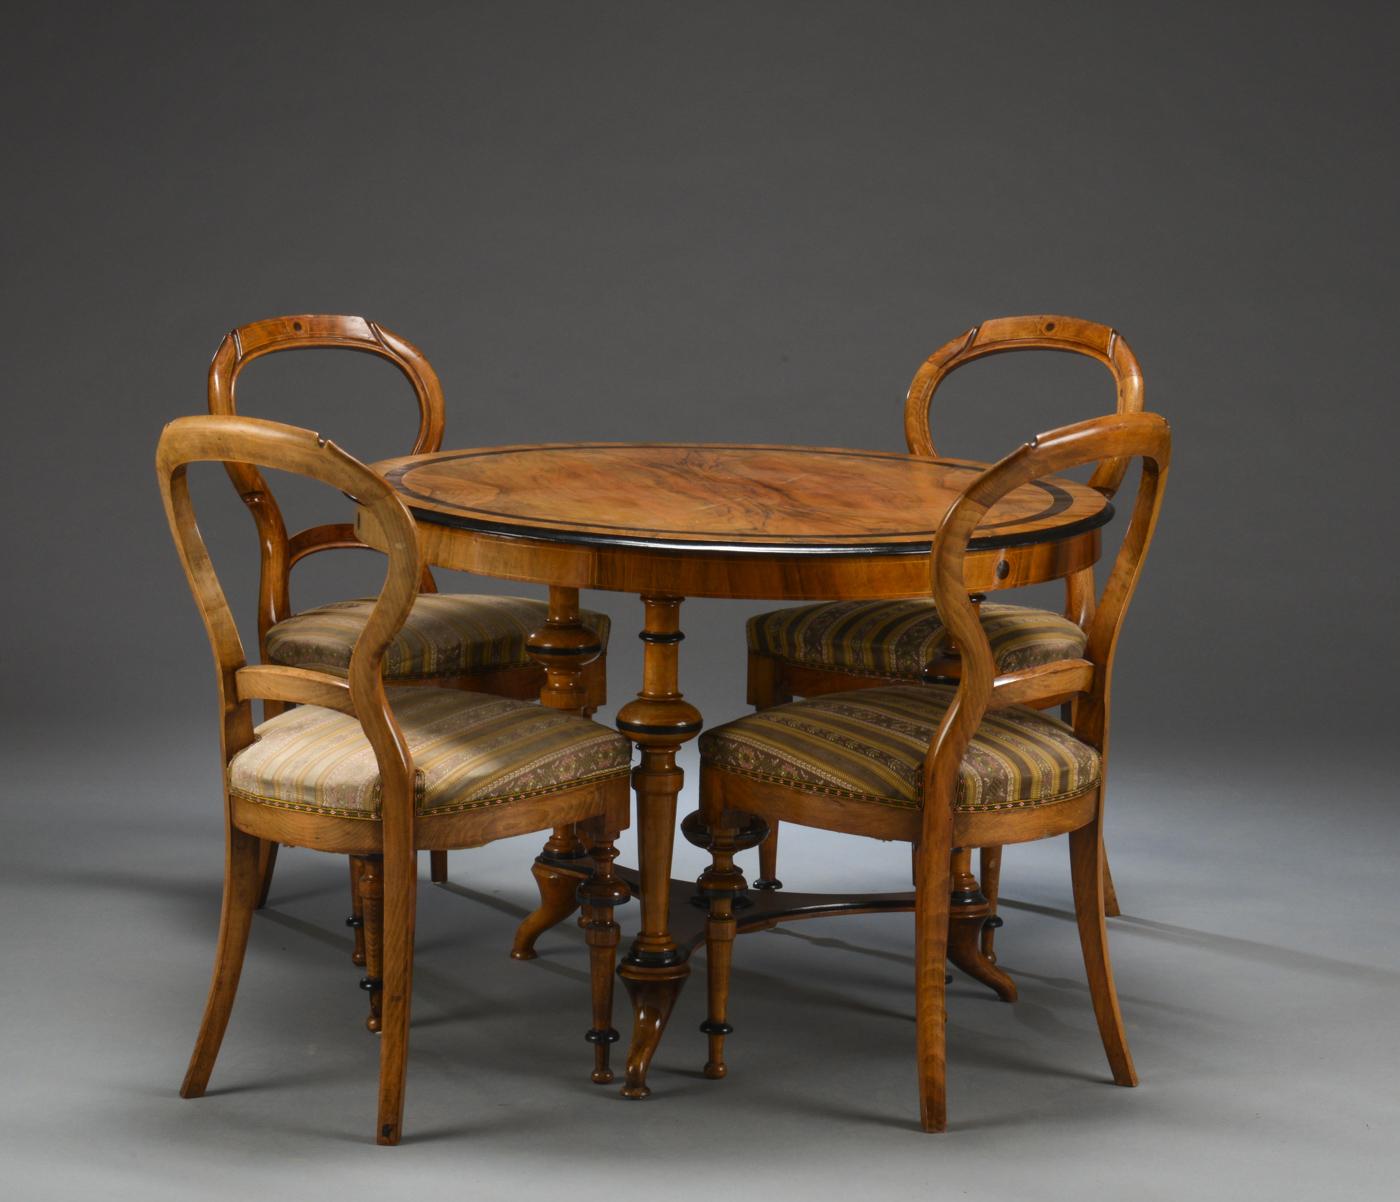 Salonstue, 1800-tallet - Salonstue af nøddetræ/mahogni., Rundt salonbord af nøddetræ/mahogni, stående på drejede trepasfod. 1800-tallet. H. 71 Ø 100 cm. Fire salonstole af fineret nøddetræ, betrukket med møbelstof. H. 87 Sh. 44 cm. Brugsspor, en sko på bord...